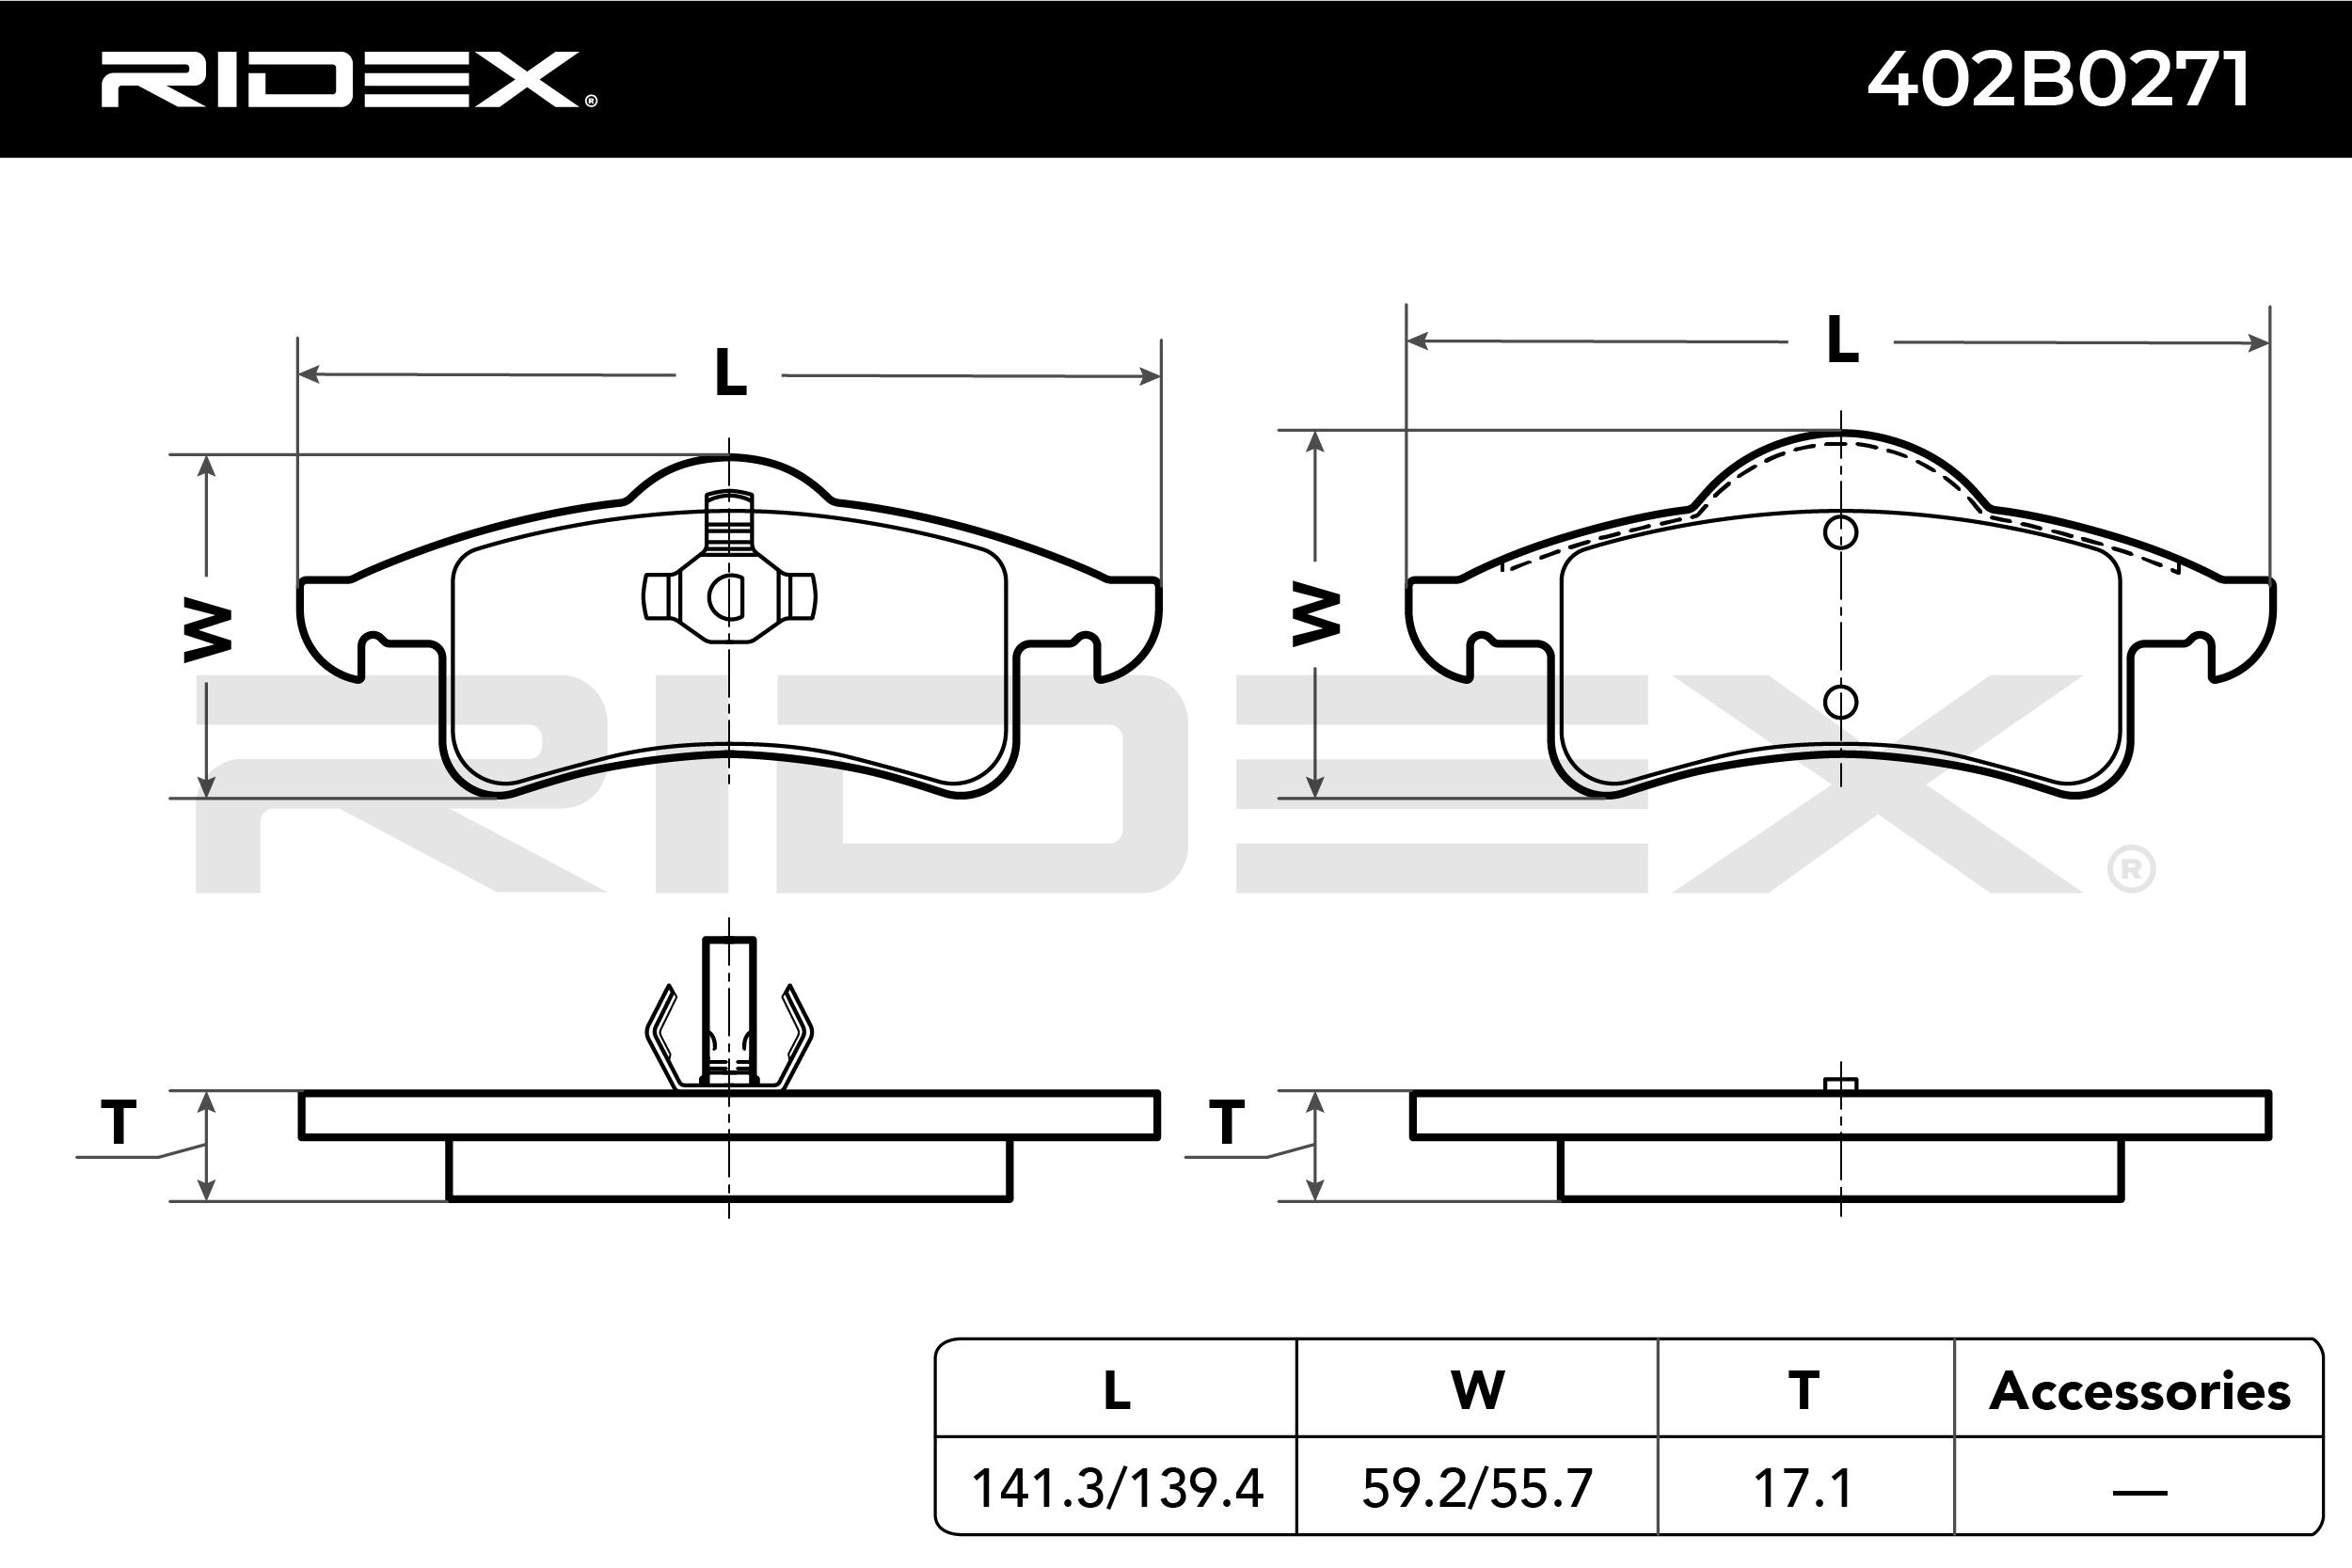 402B0271 Bremsbeläge RIDEX 402B0271 - Große Auswahl - stark reduziert